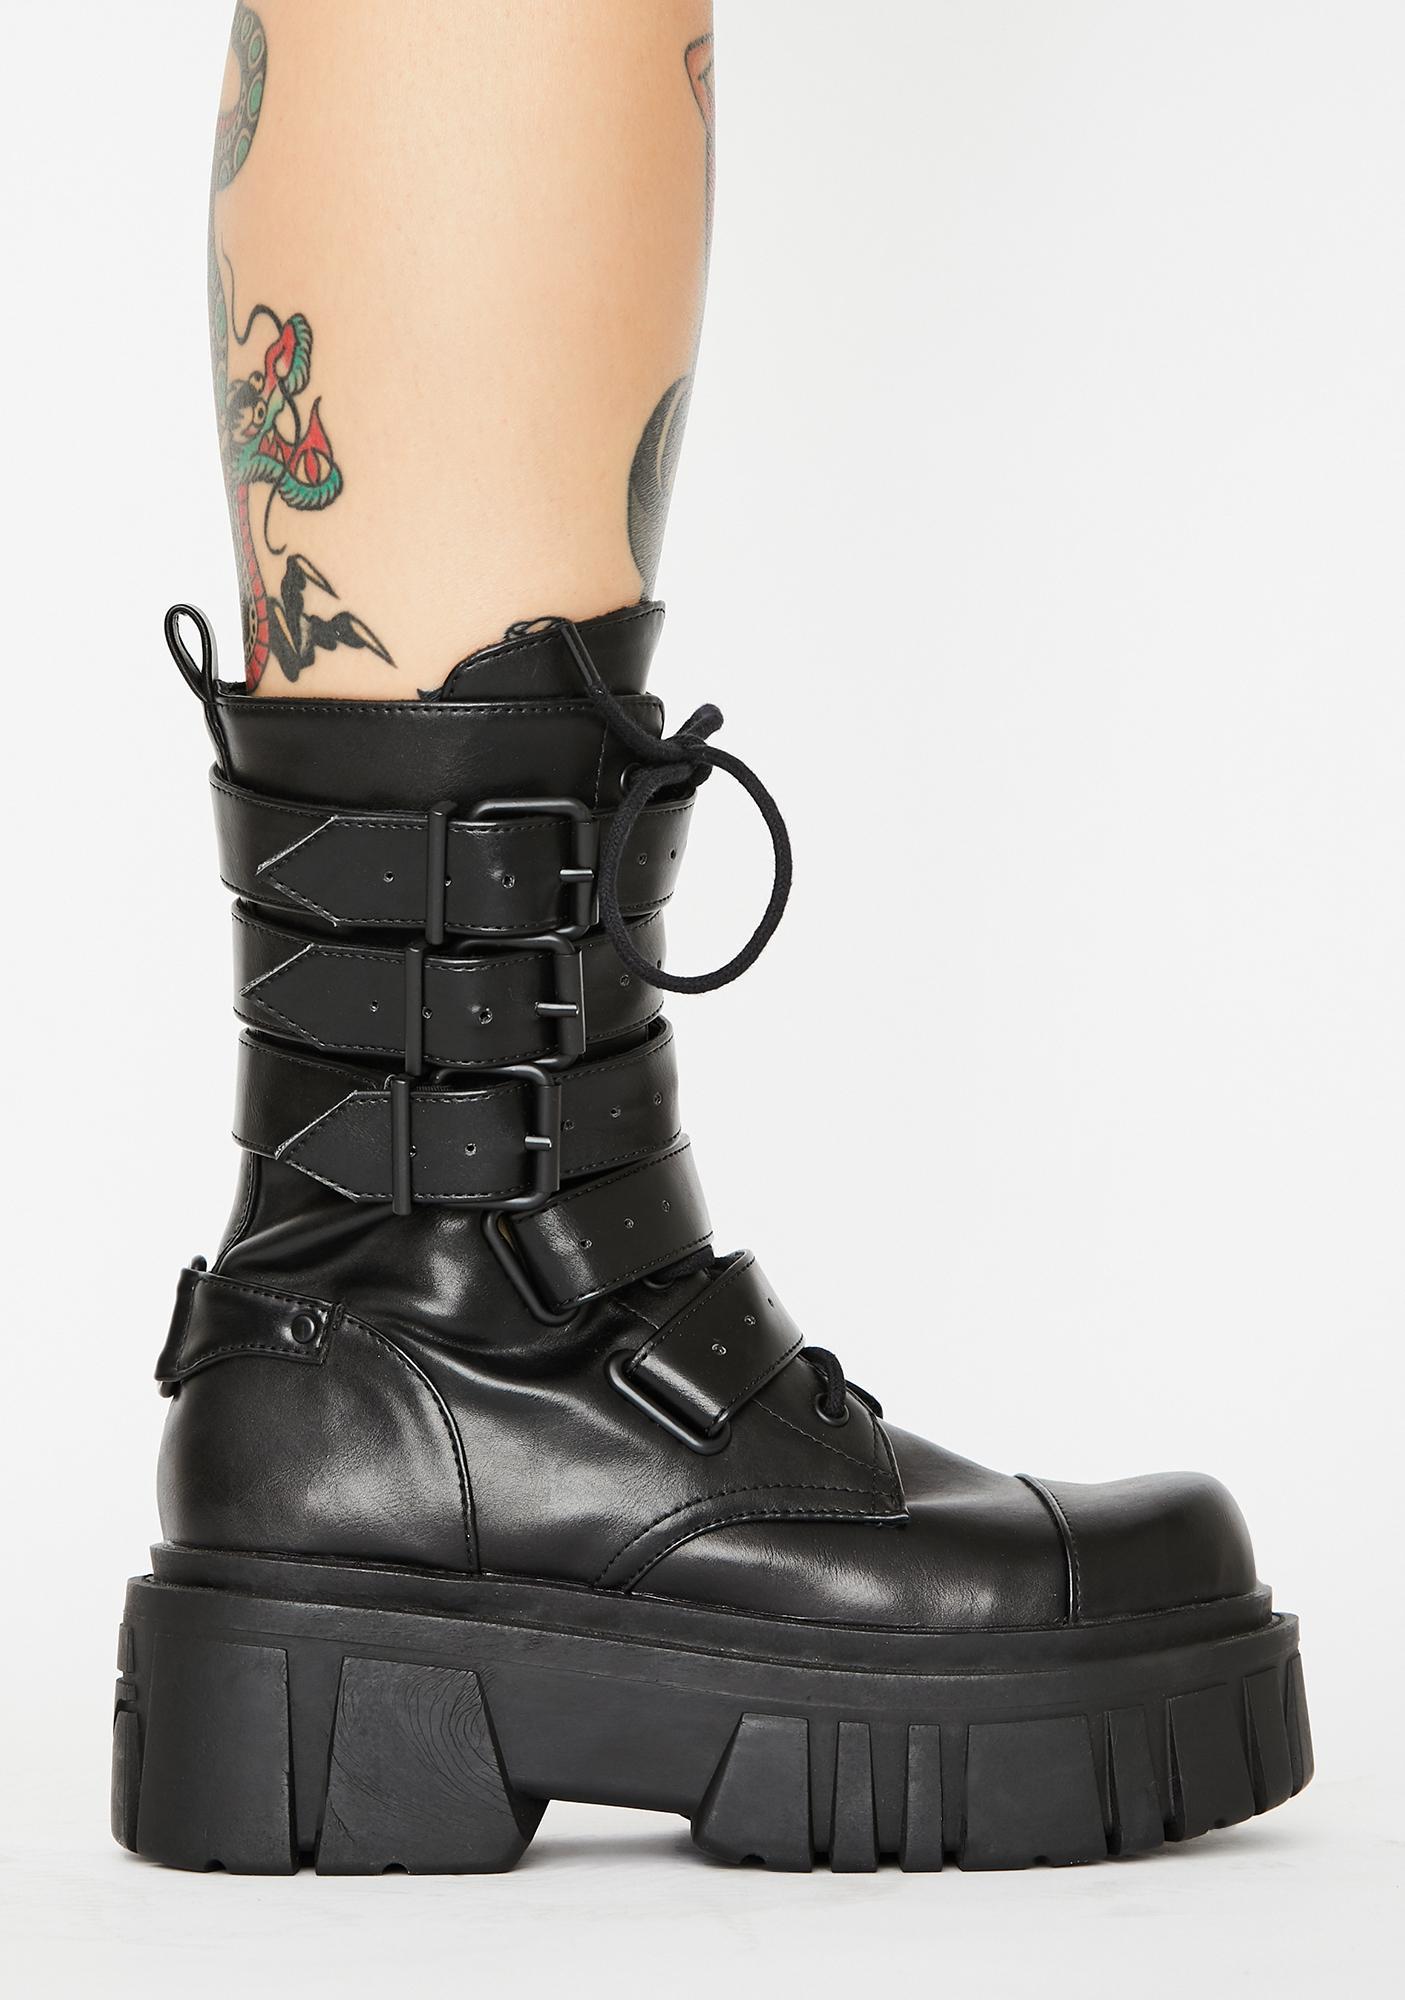 Current Mood Industrial Uproar Combat Boots